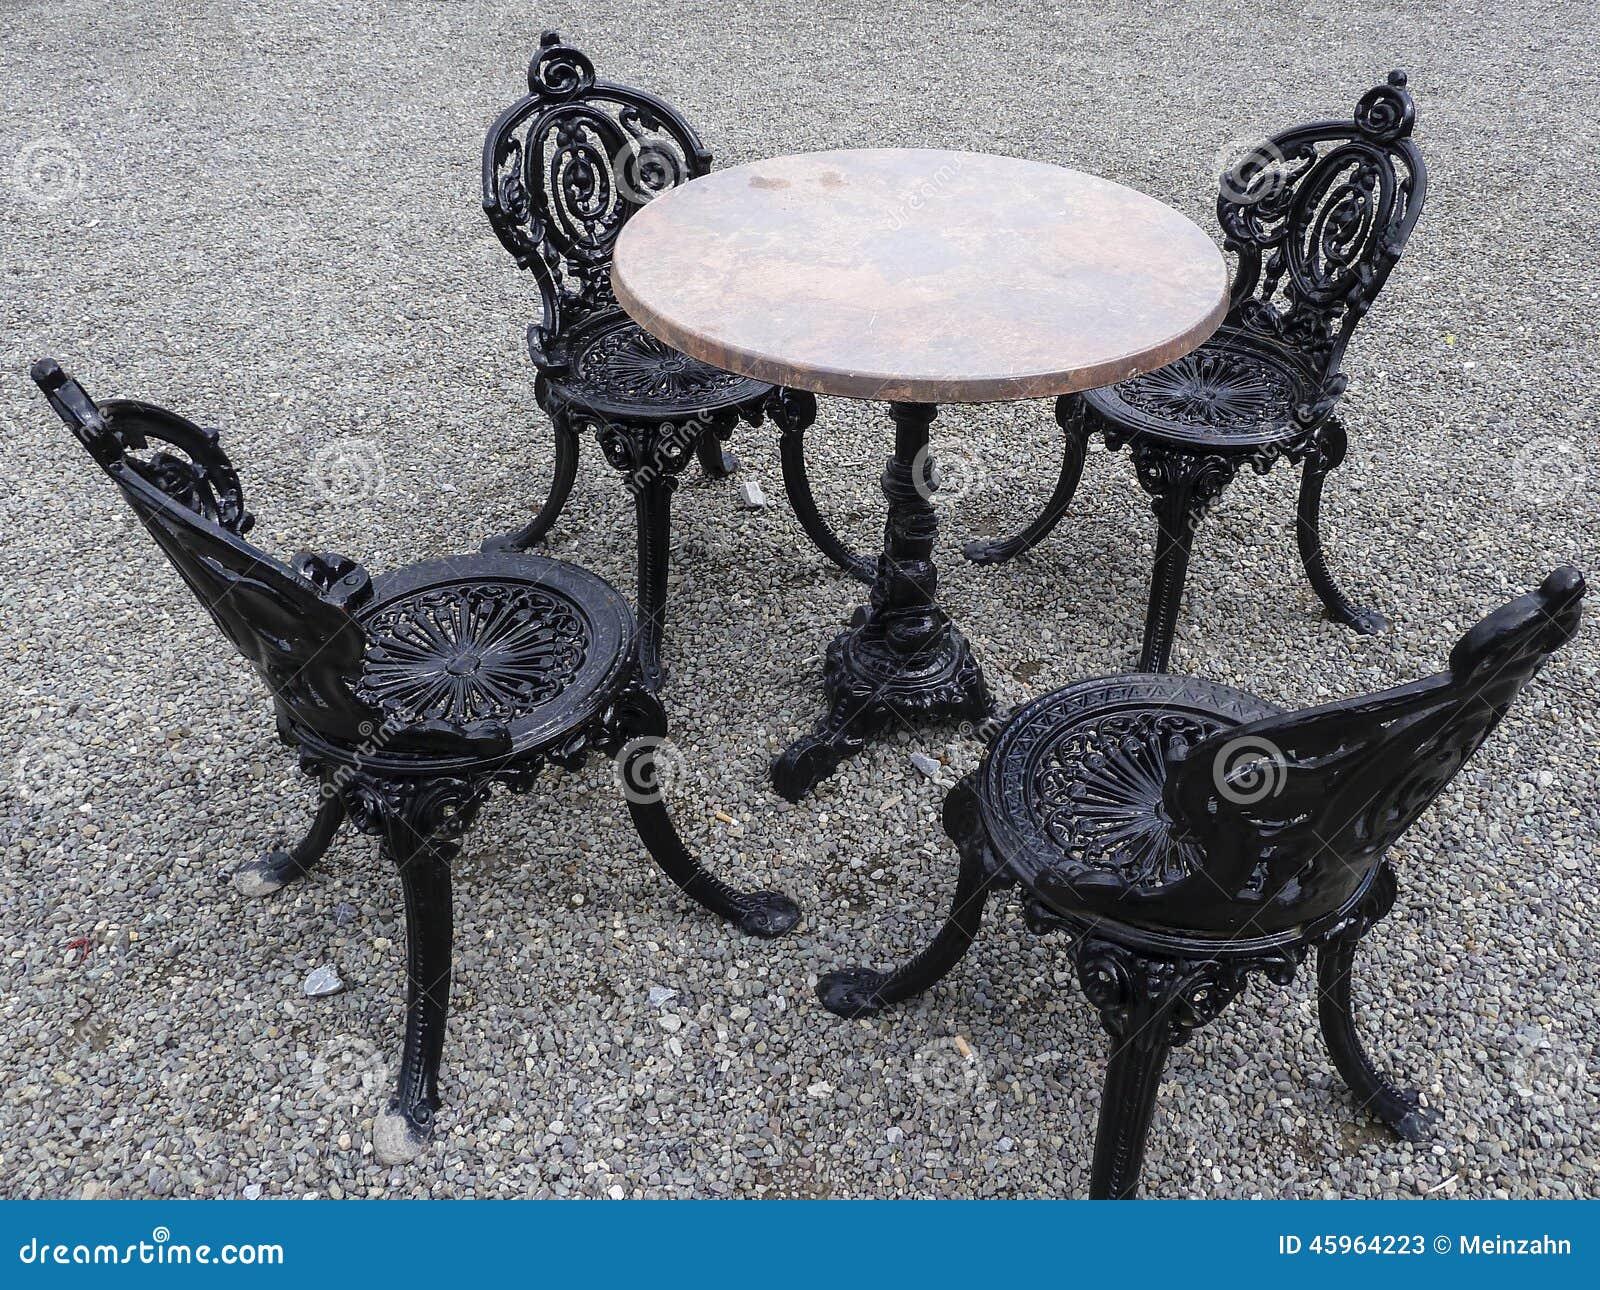 chaises de fonte autour d 39 une table photo stock image 45964223. Black Bedroom Furniture Sets. Home Design Ideas